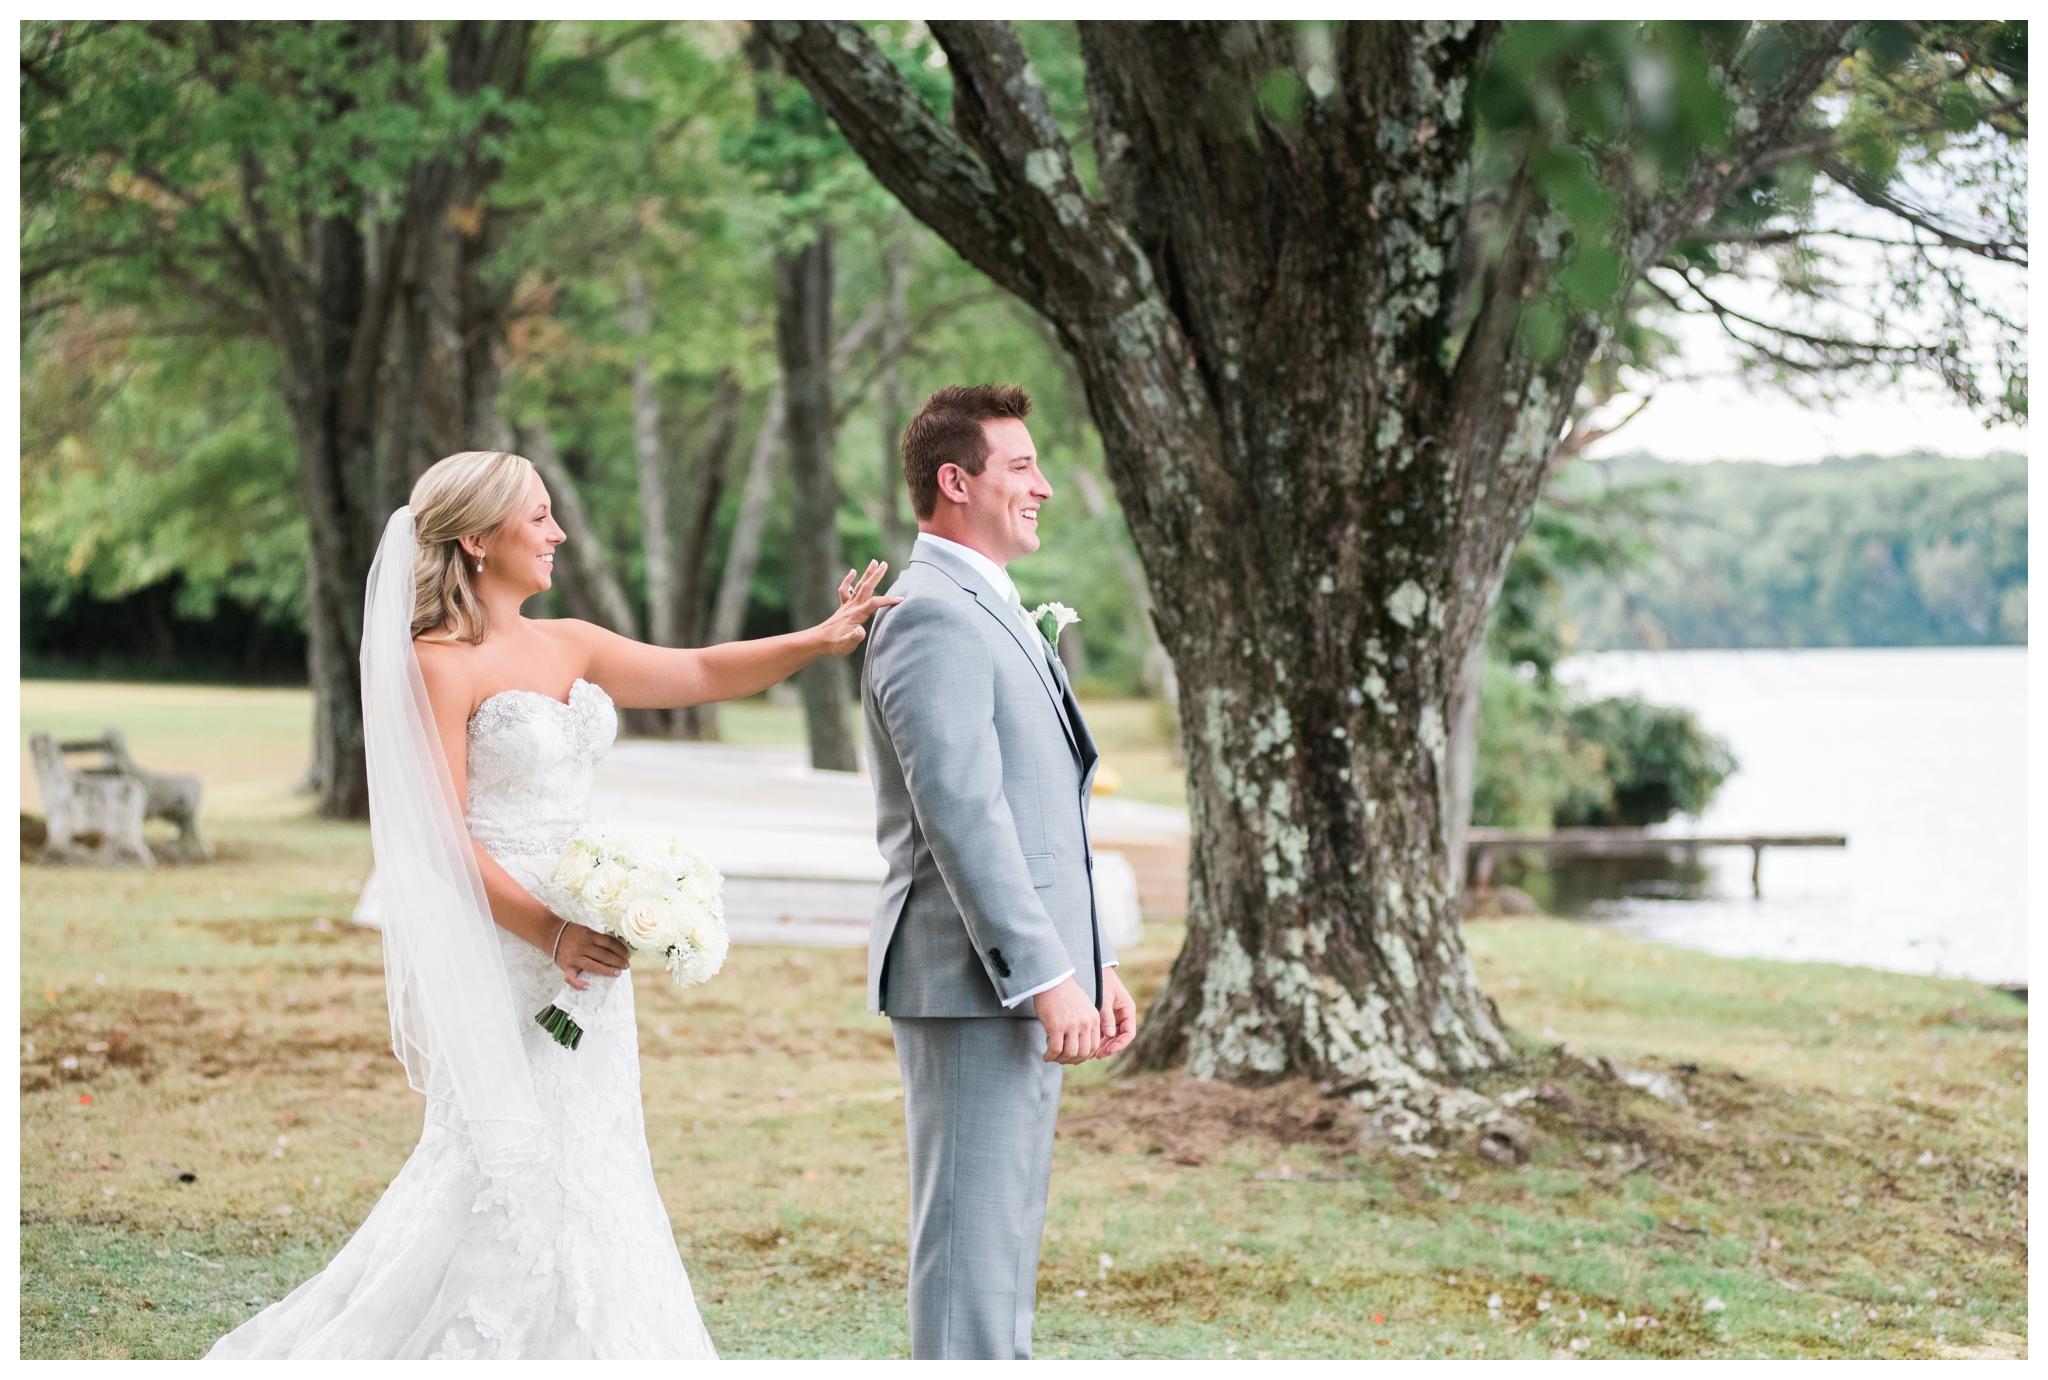 lodge-at-mountain-springs-lake-wedding_0008.jpg